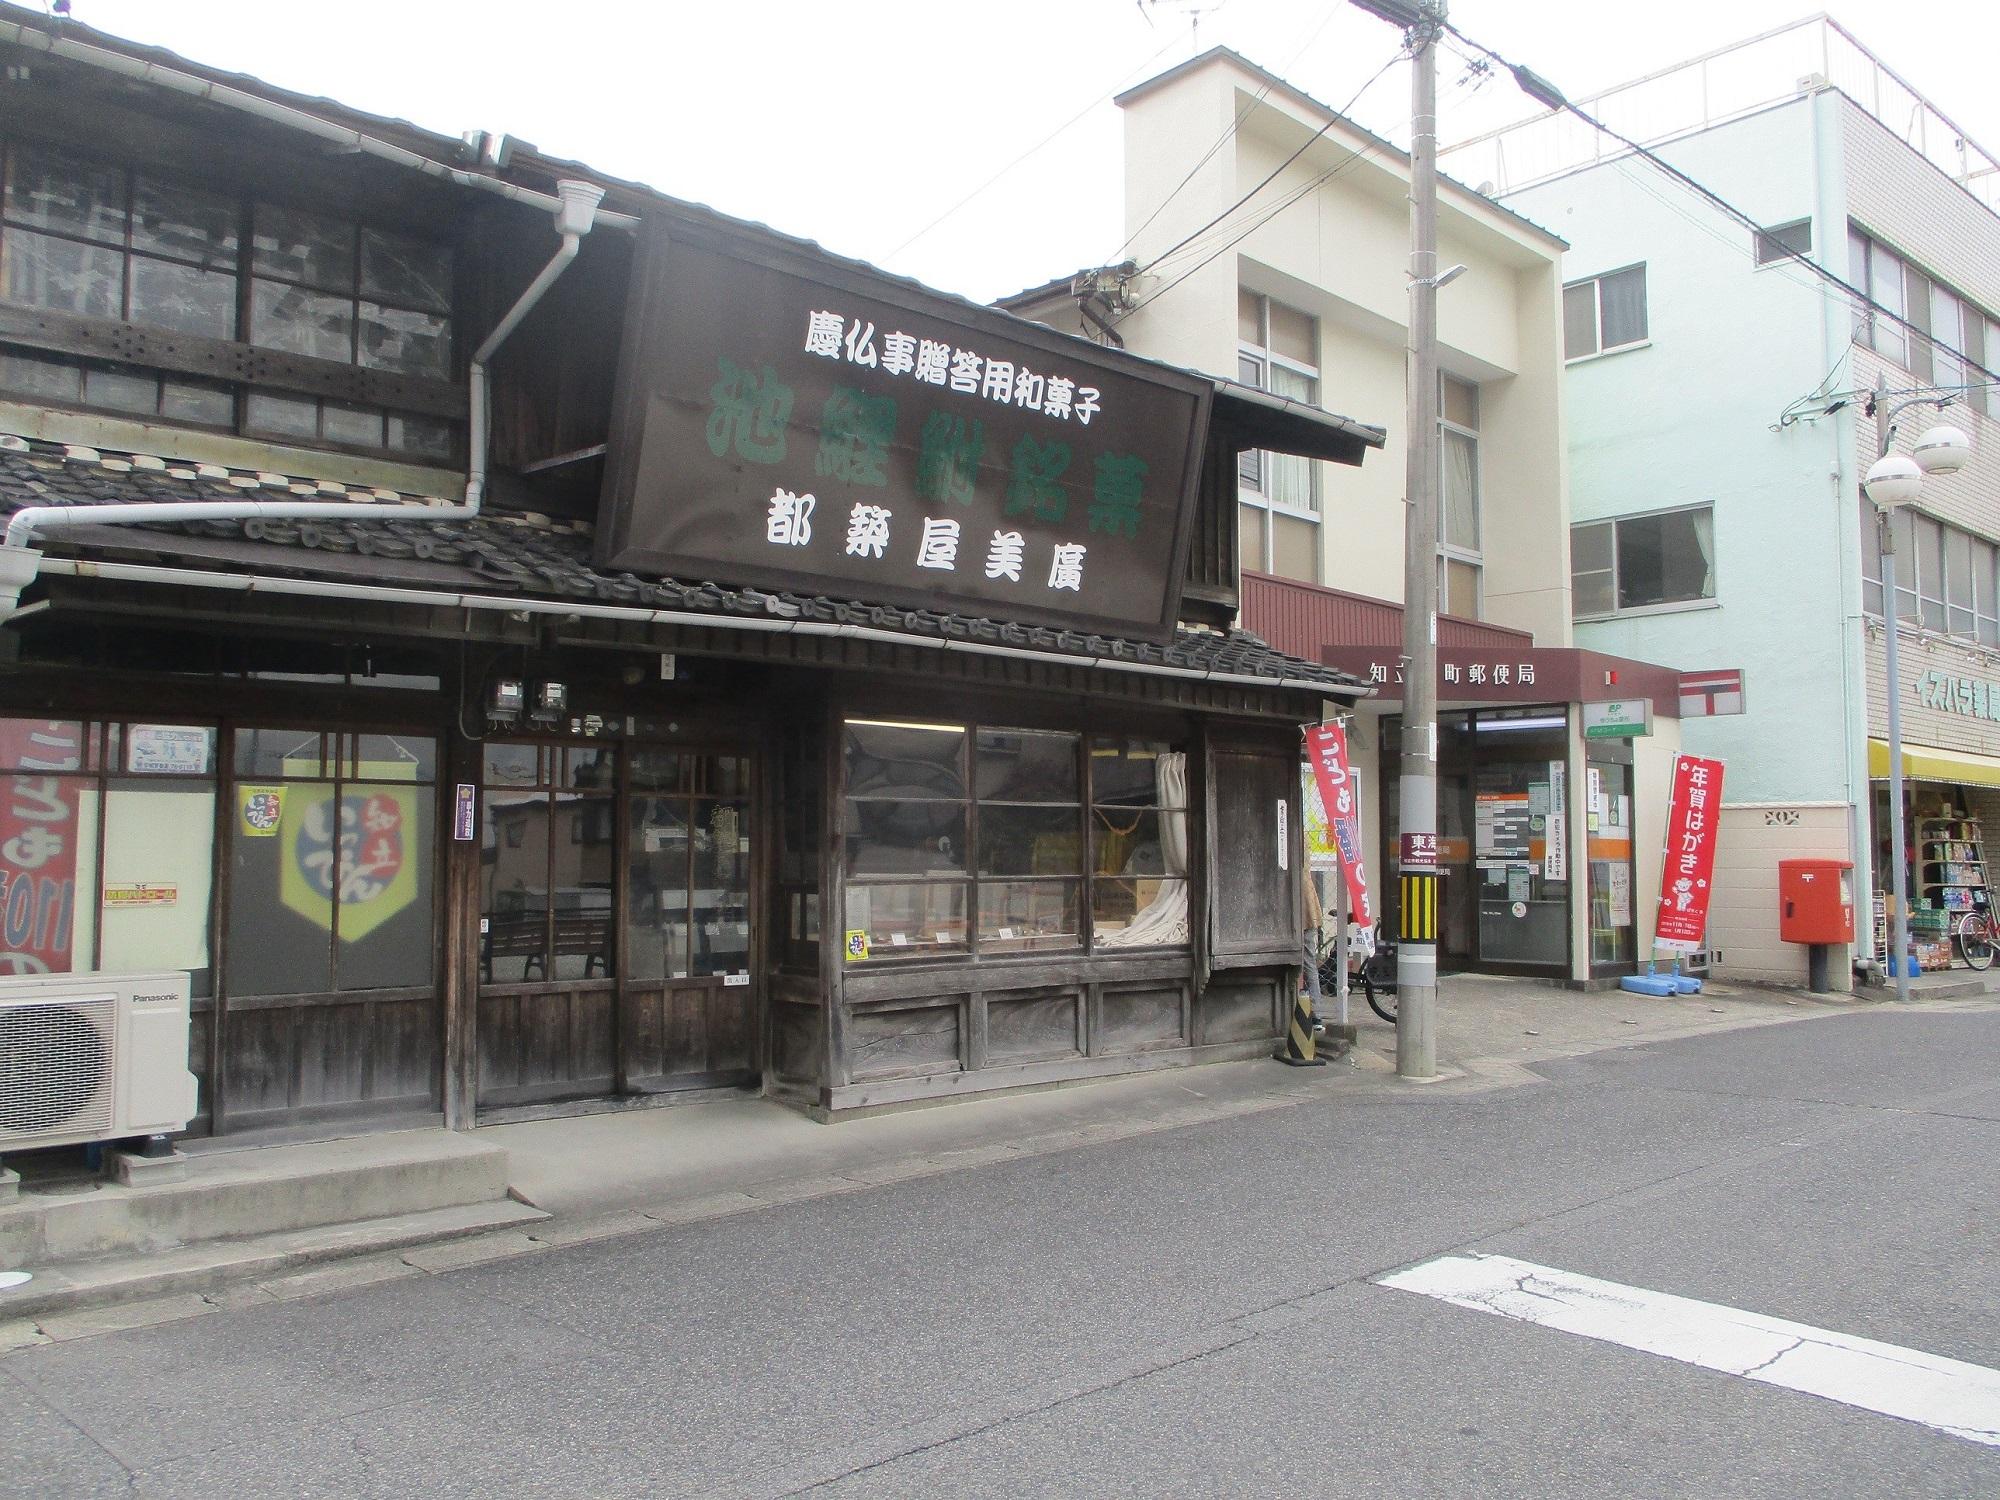 2019.11.13 (41) 東海道 - 都築屋美広 2000-1500